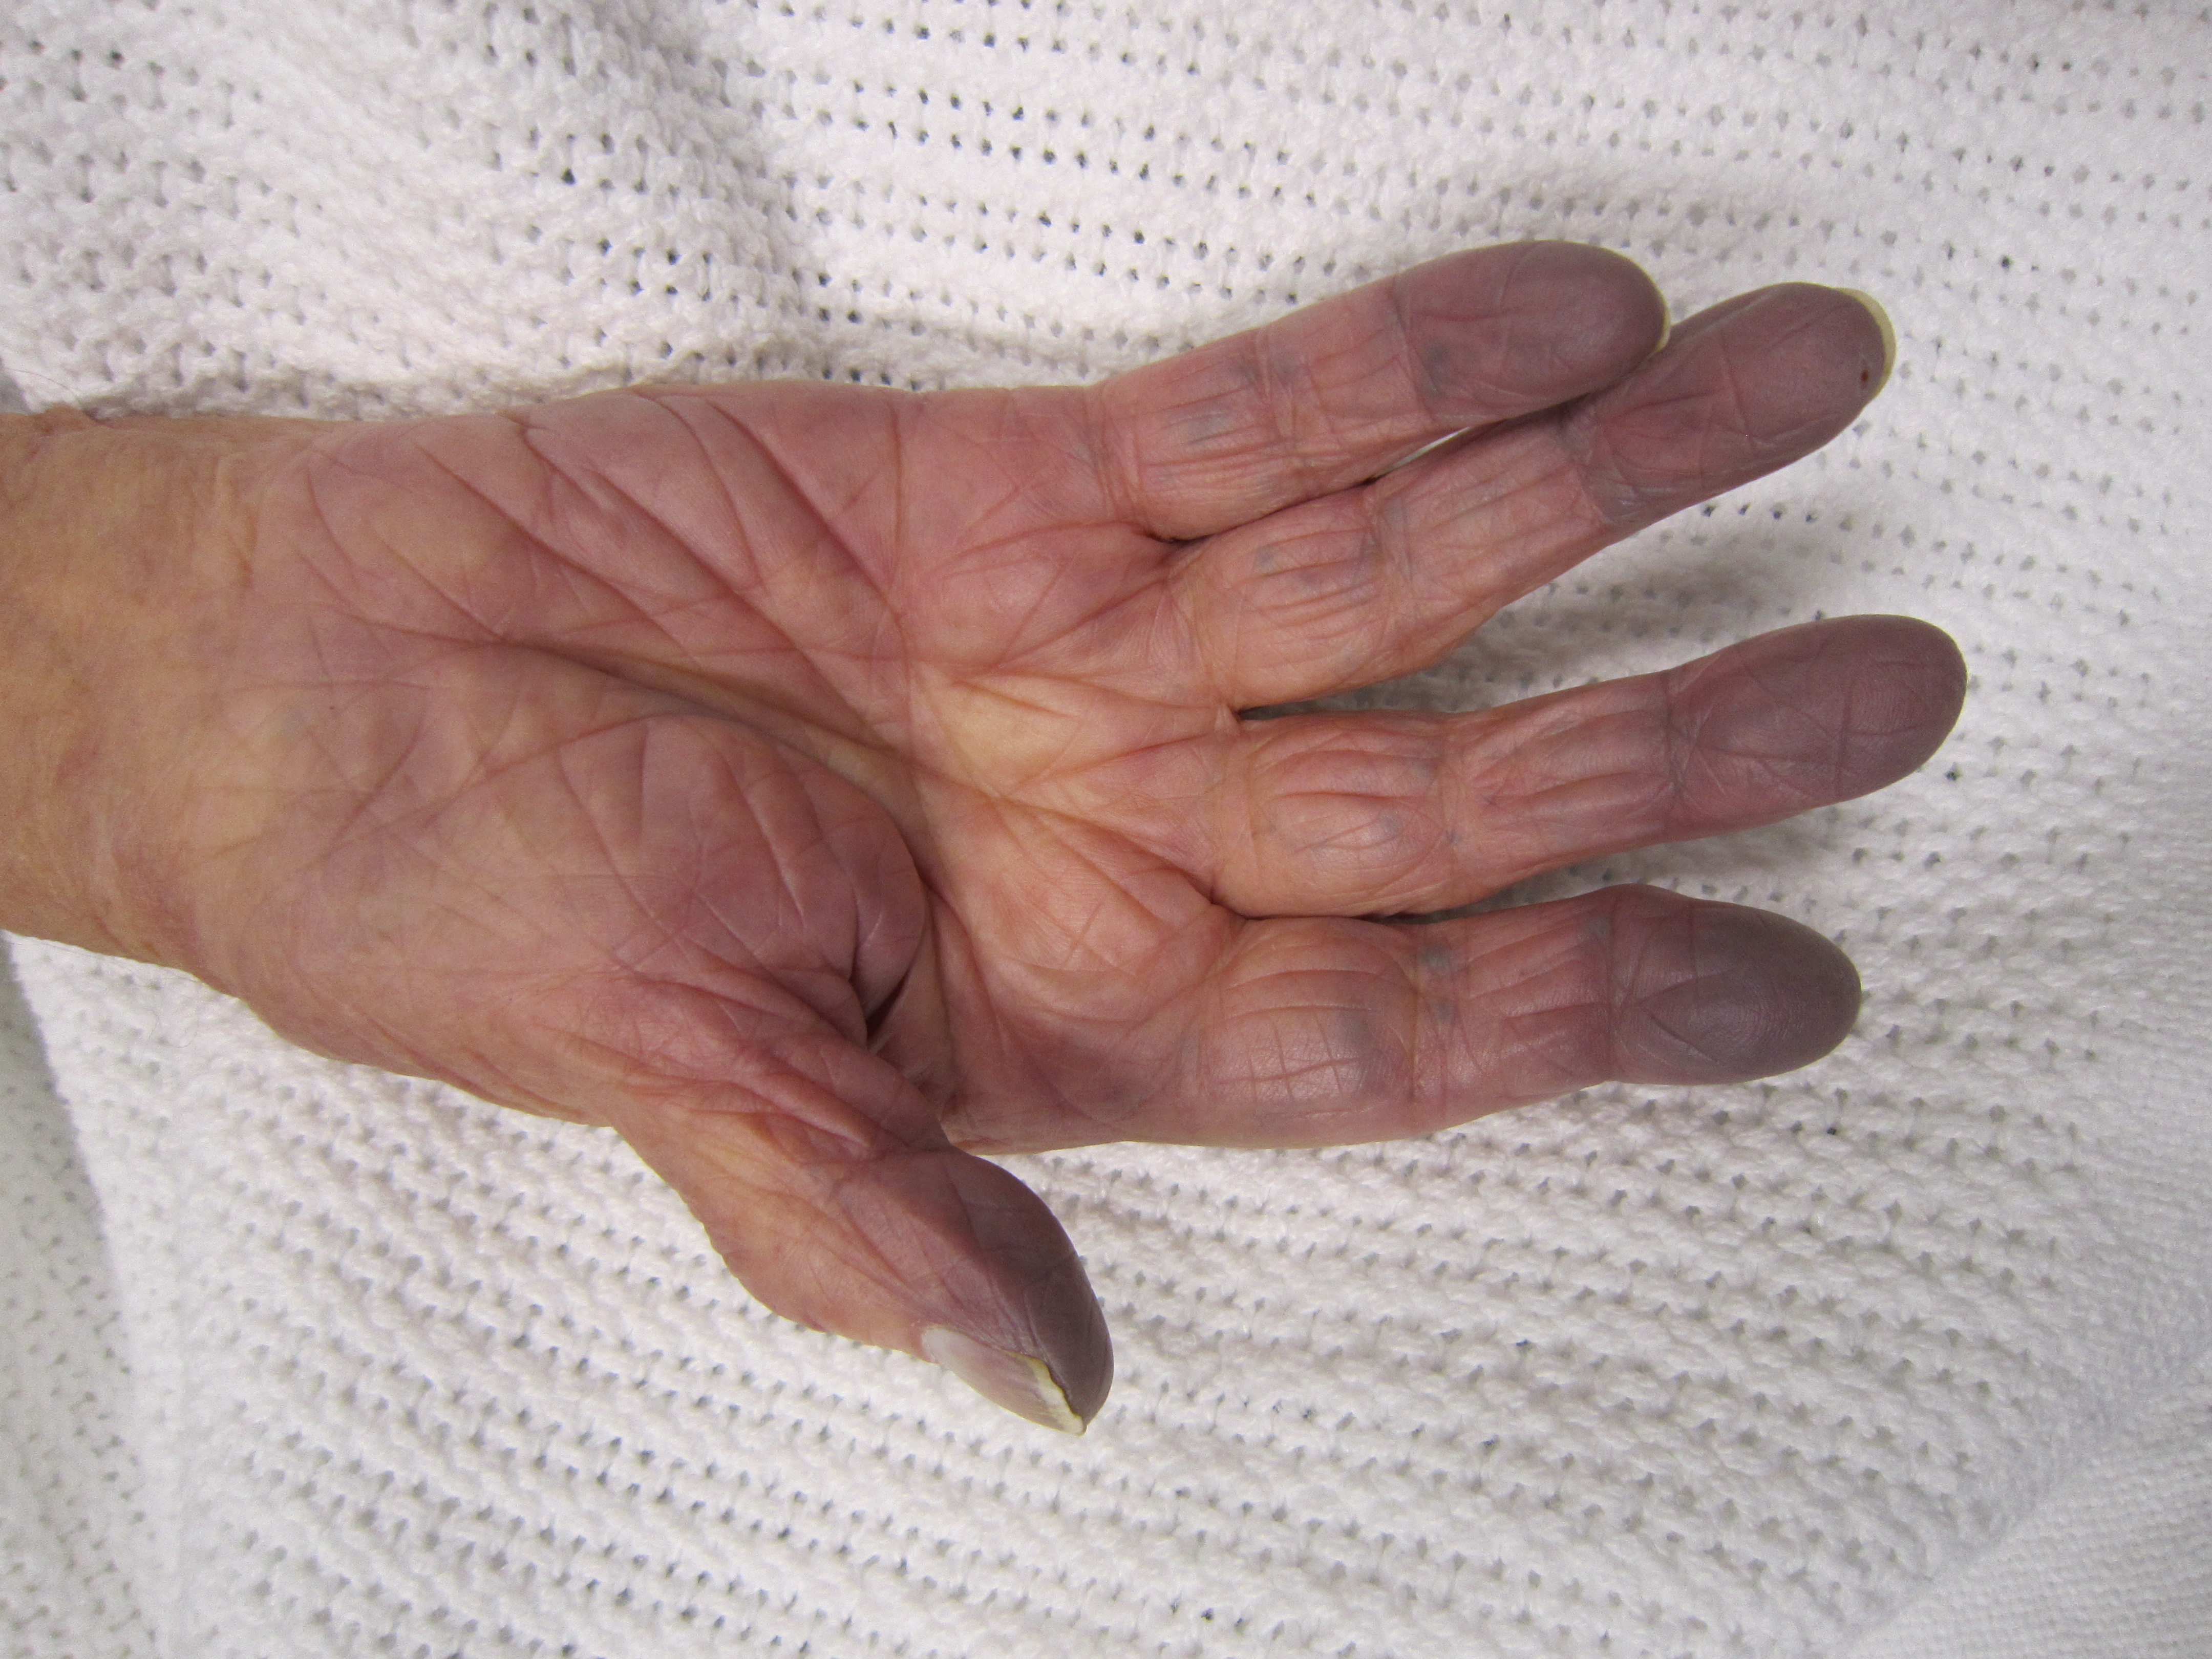 Цианоз кожи: почему возникает и как лечить